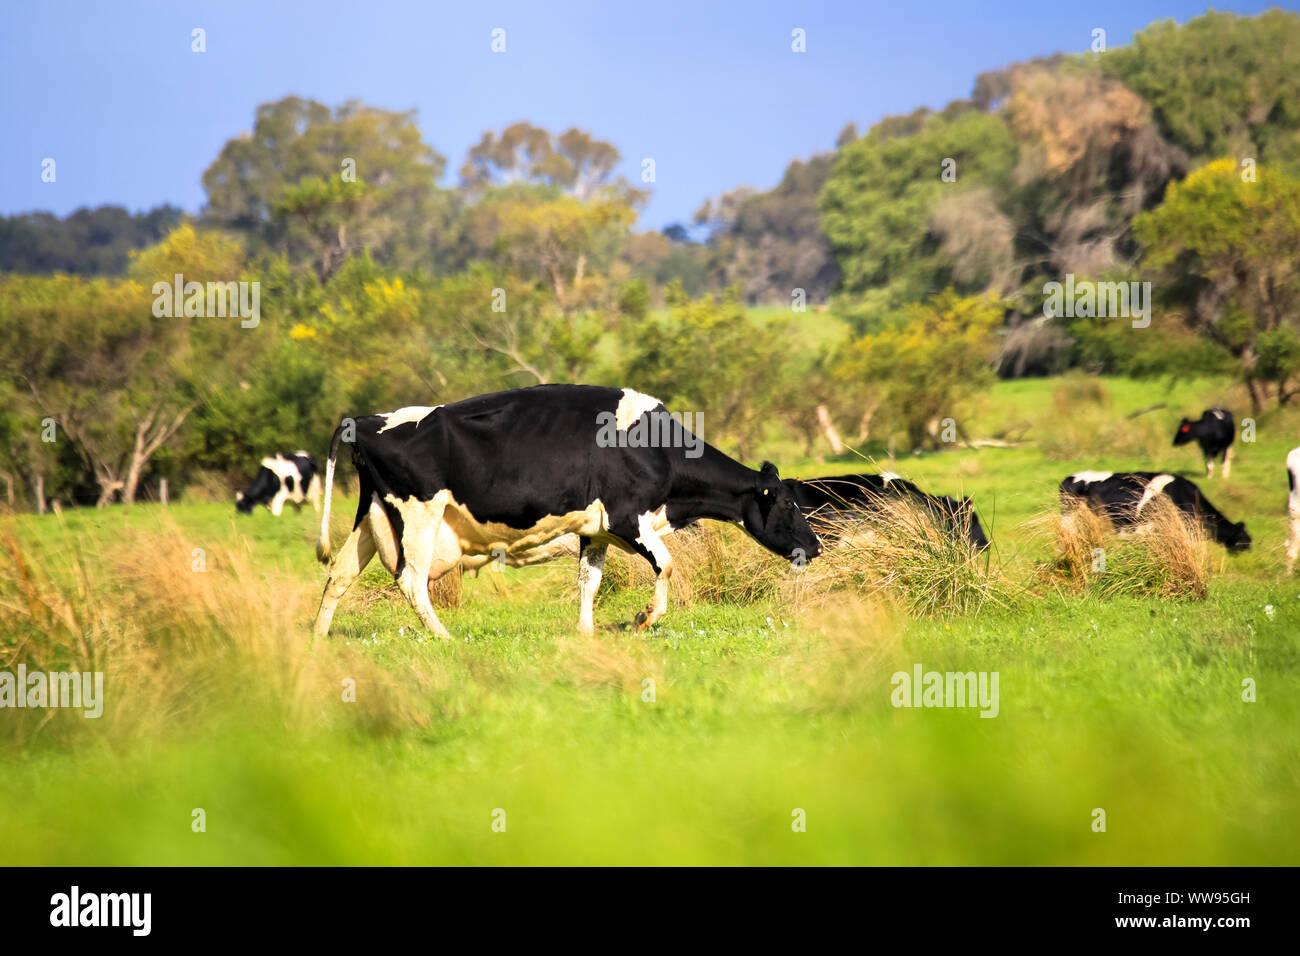 Oído de ganado vacuno y ganado pastando en verdes praderas campo granja de campo Foto de stock